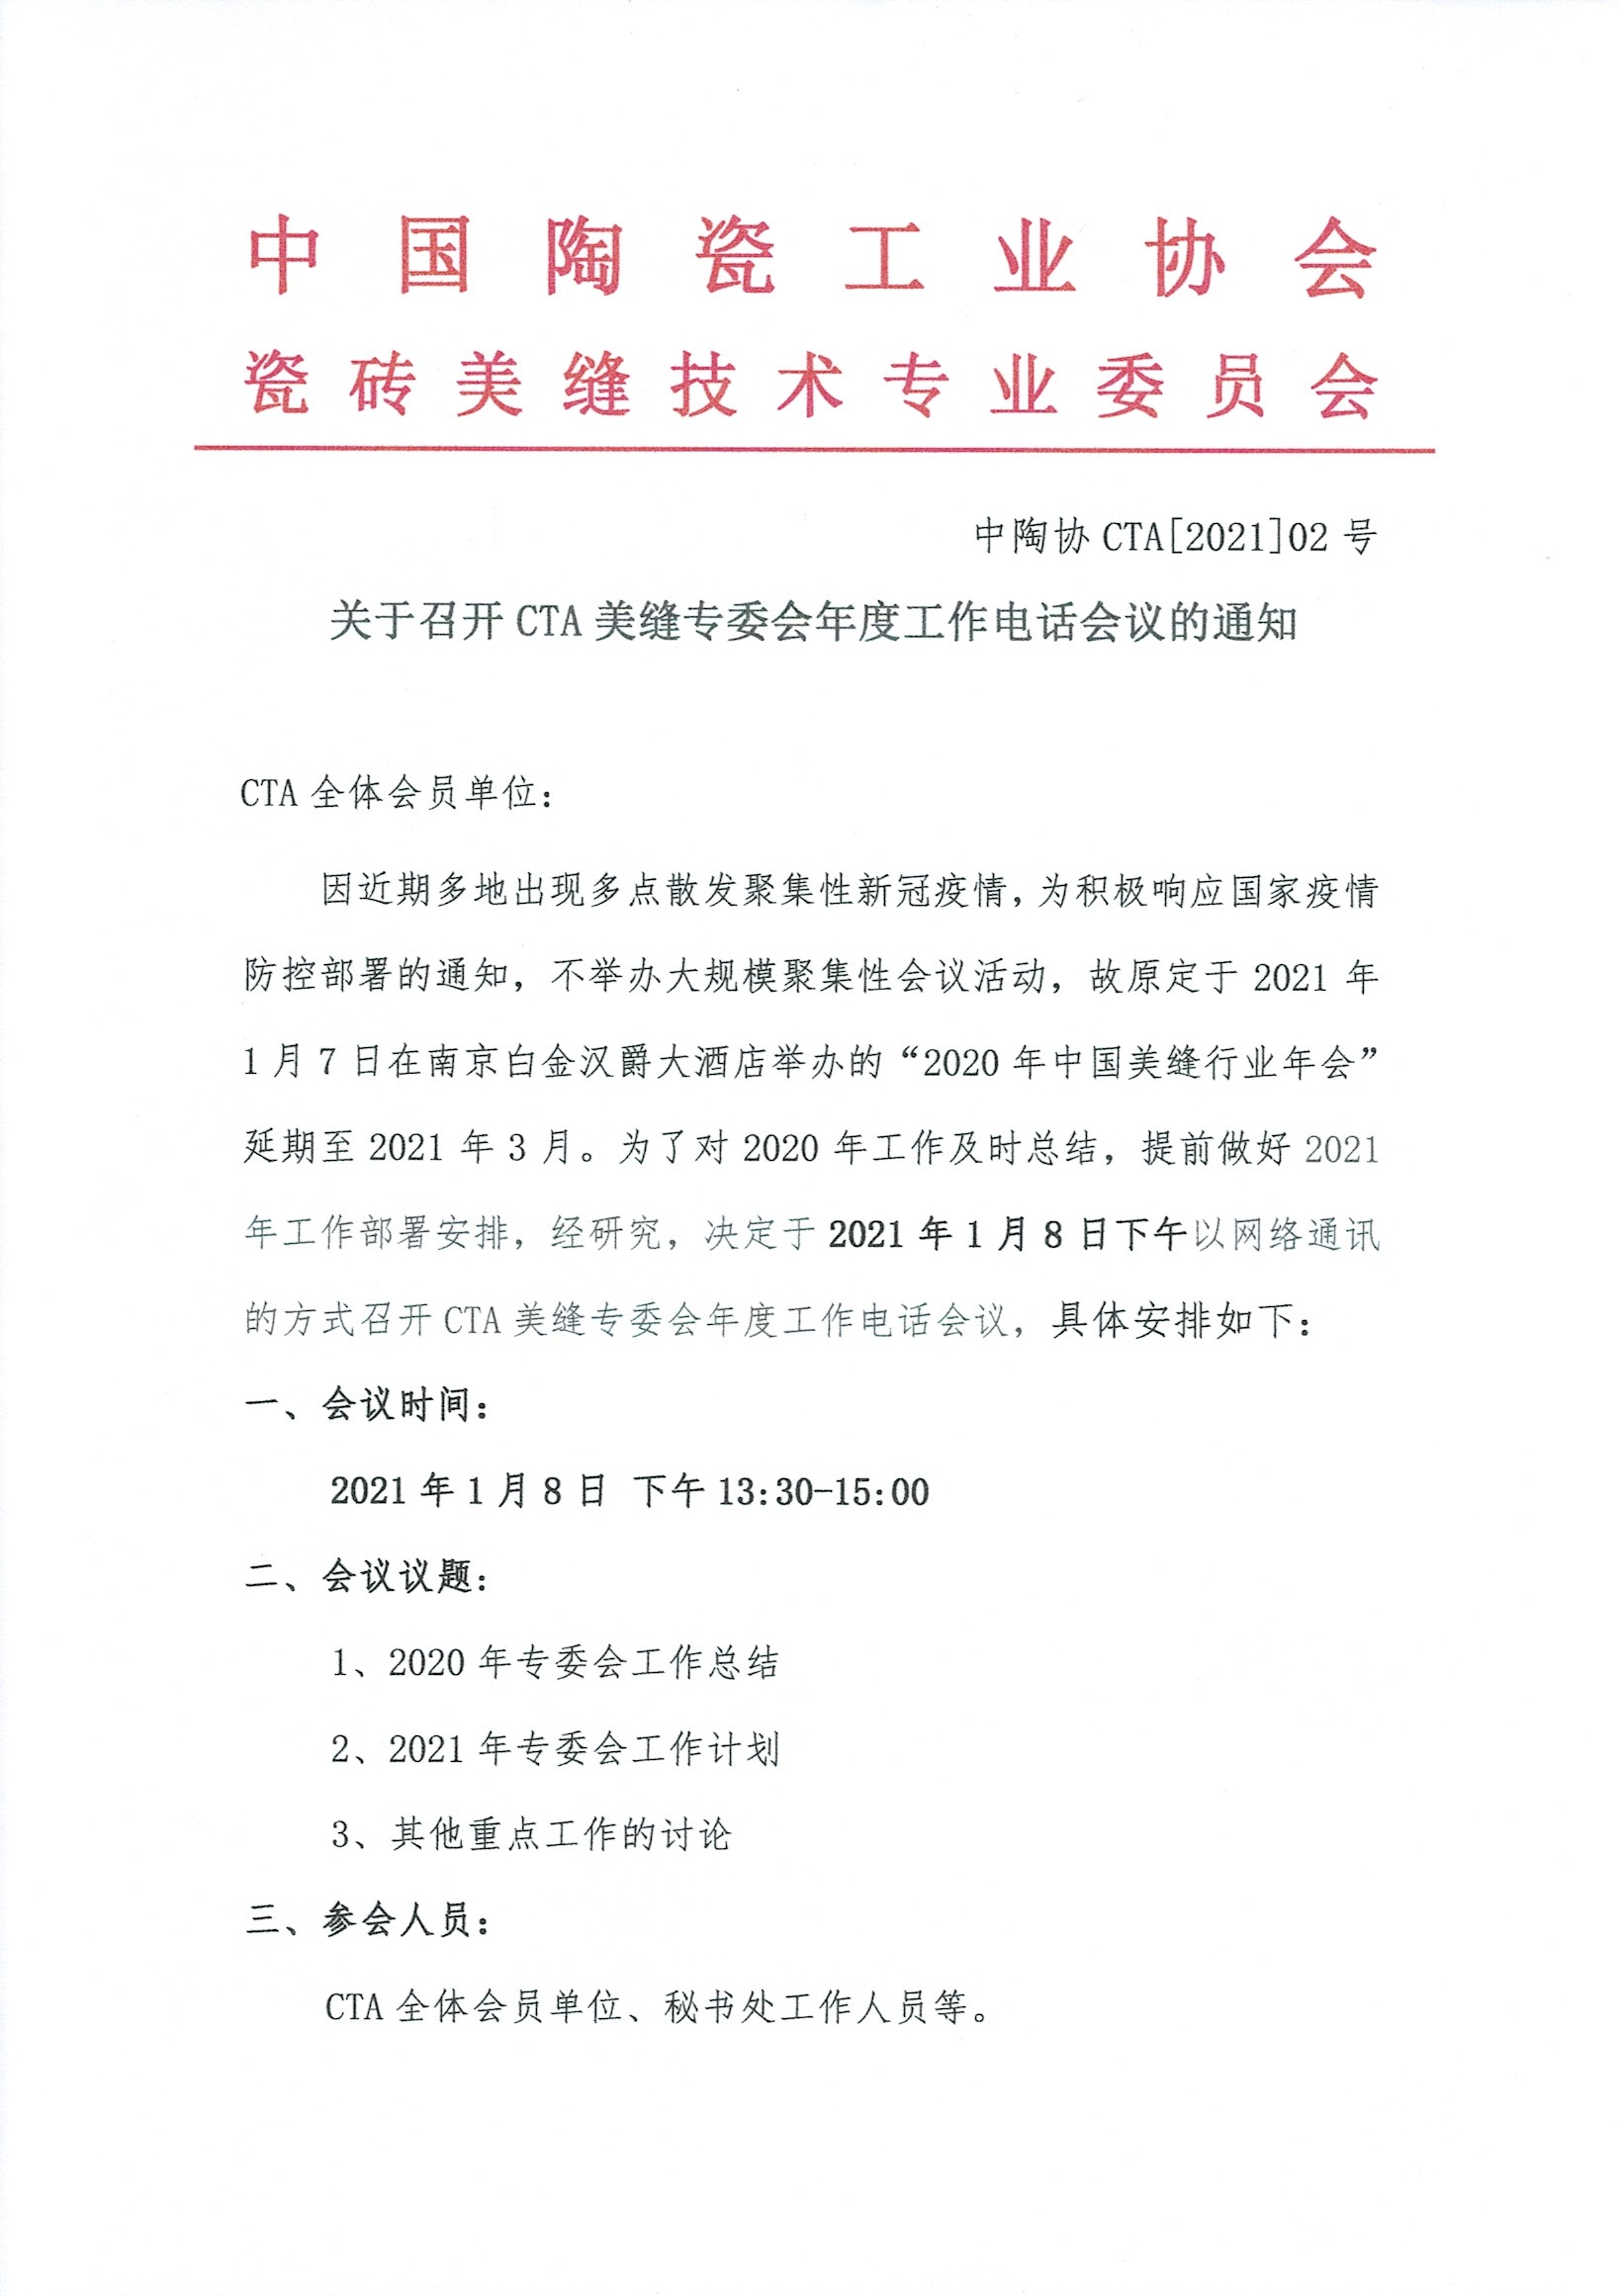 关于召开CTA美缝专委会年度工作电话会议的通知 中陶协CTA[2021]02号_页面_1